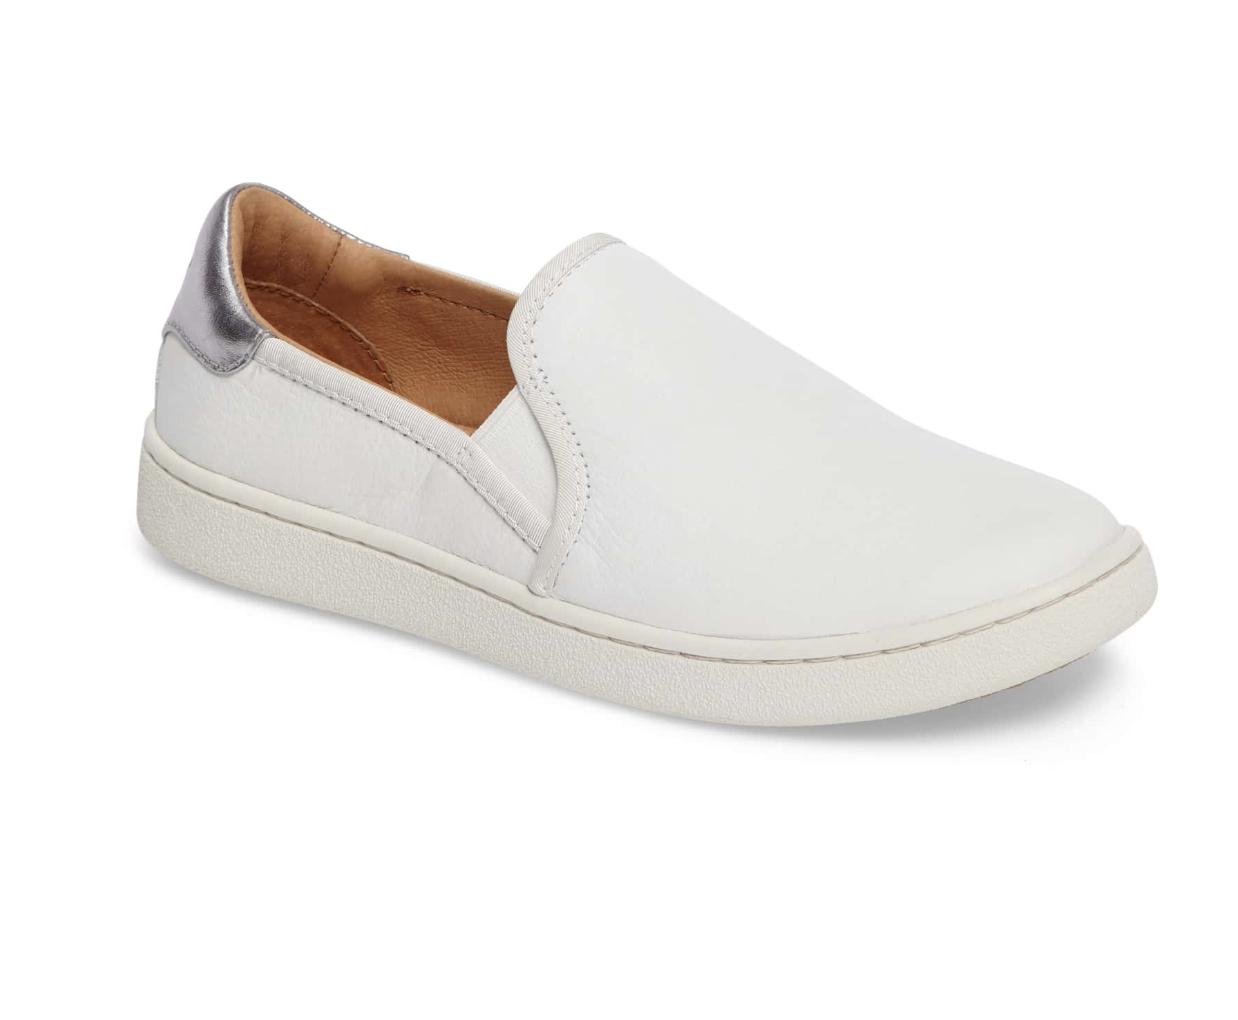 UGG Slip On Sneaker